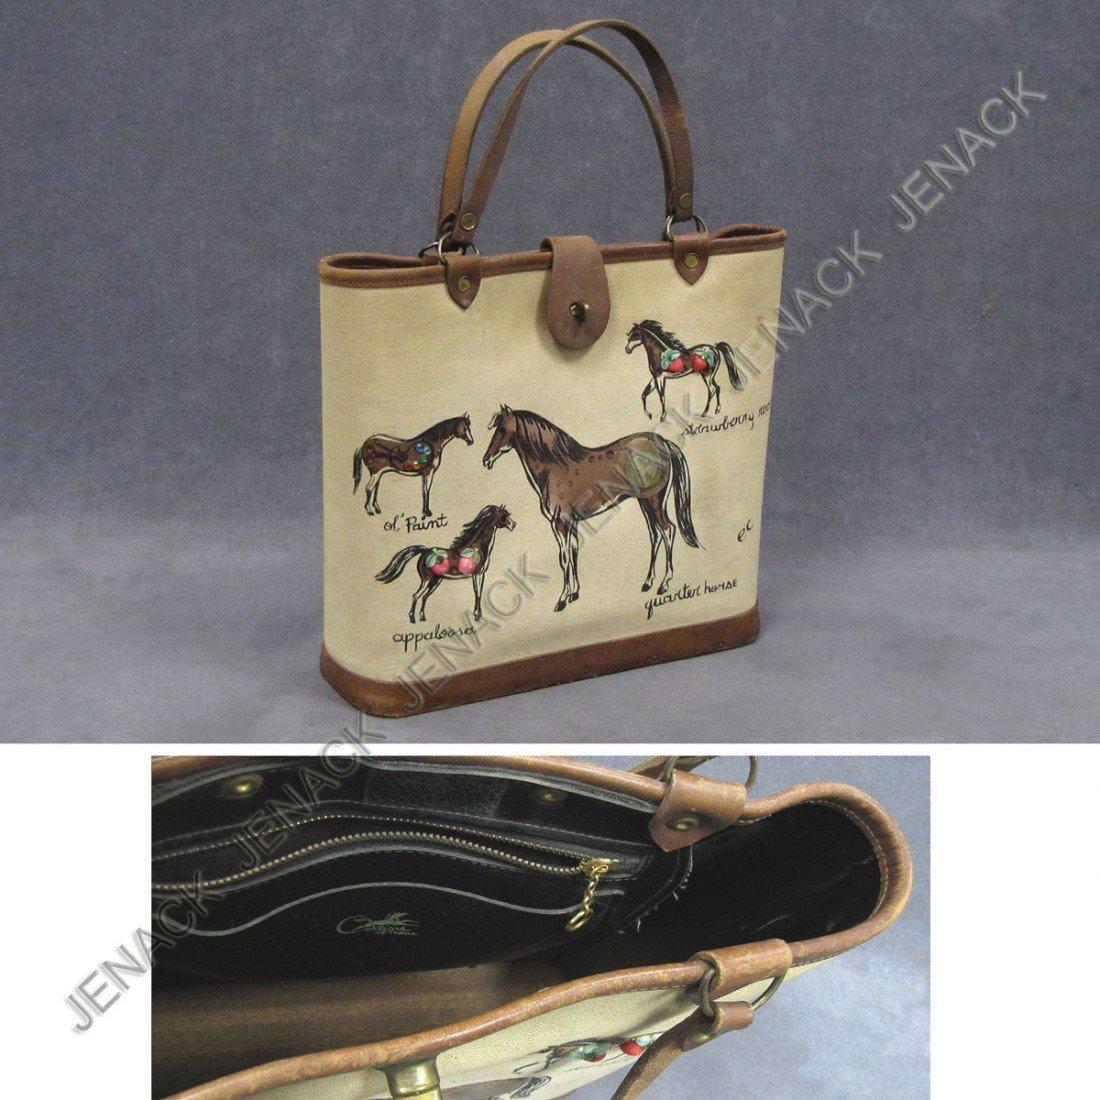 14: VINTAGE HORSE HAND BAG, SIGNED EC (ENID COLLINS)